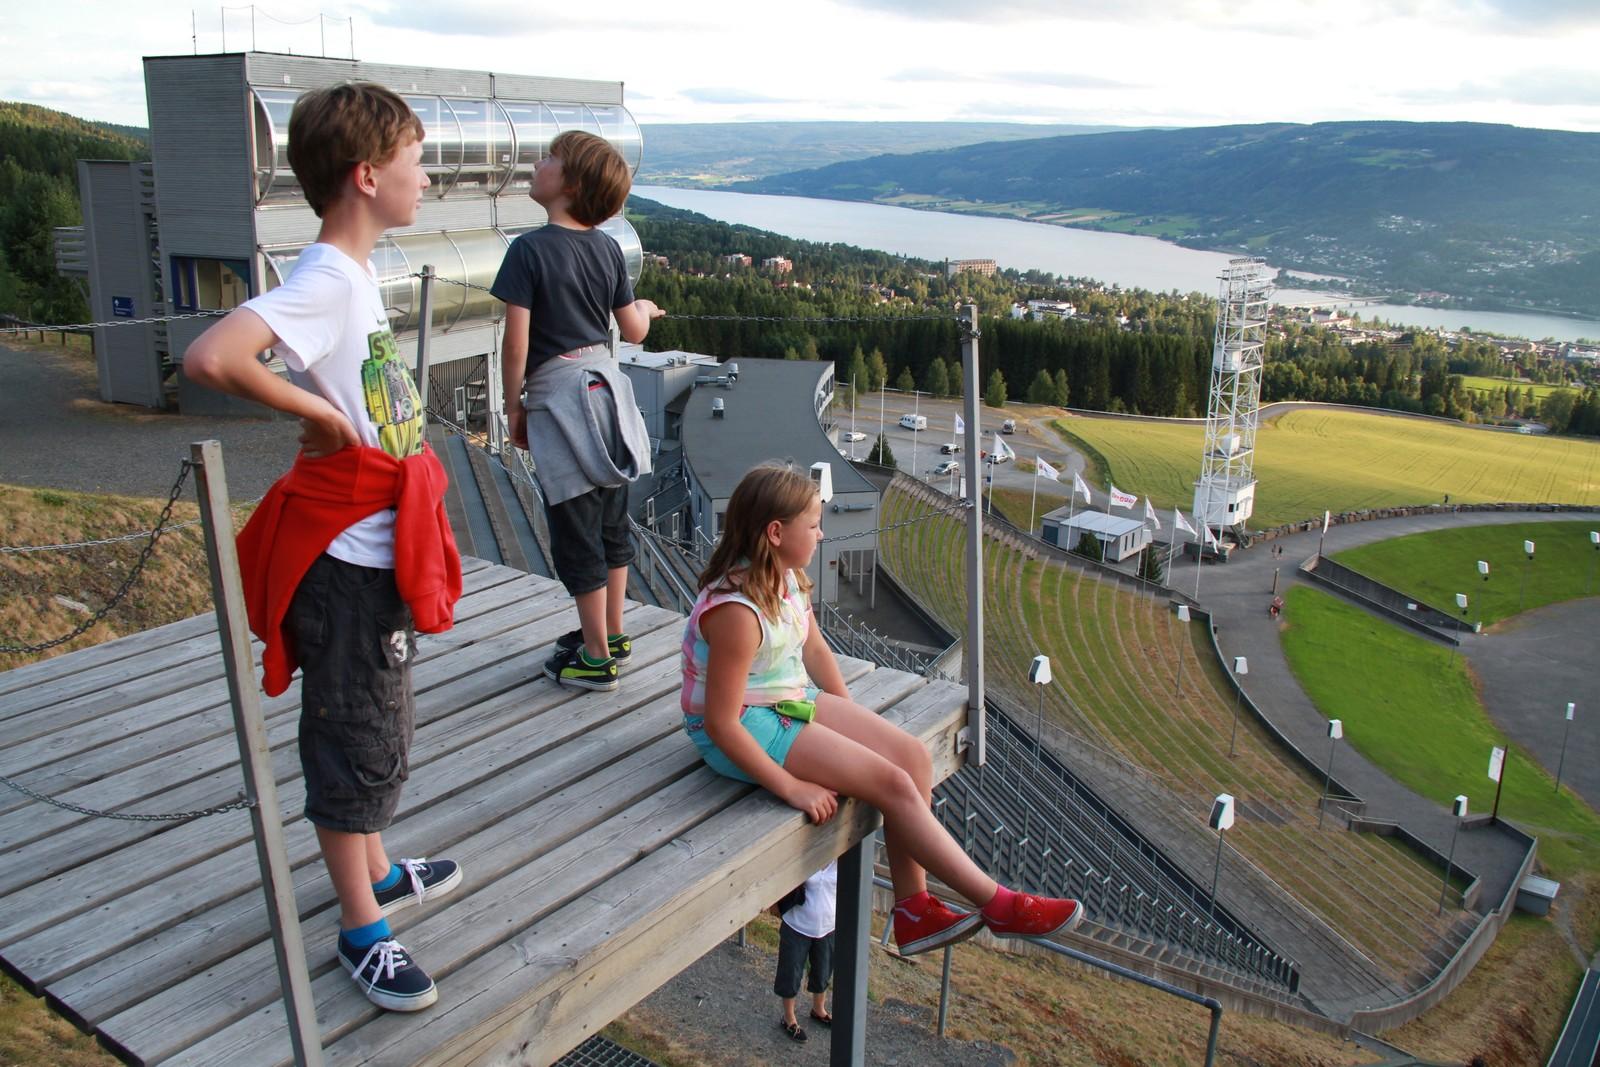 OL-anleggene trekker fortsatt mange turister til Lillehammer, som er Norges 4. mest søkte feriedestinasjon.